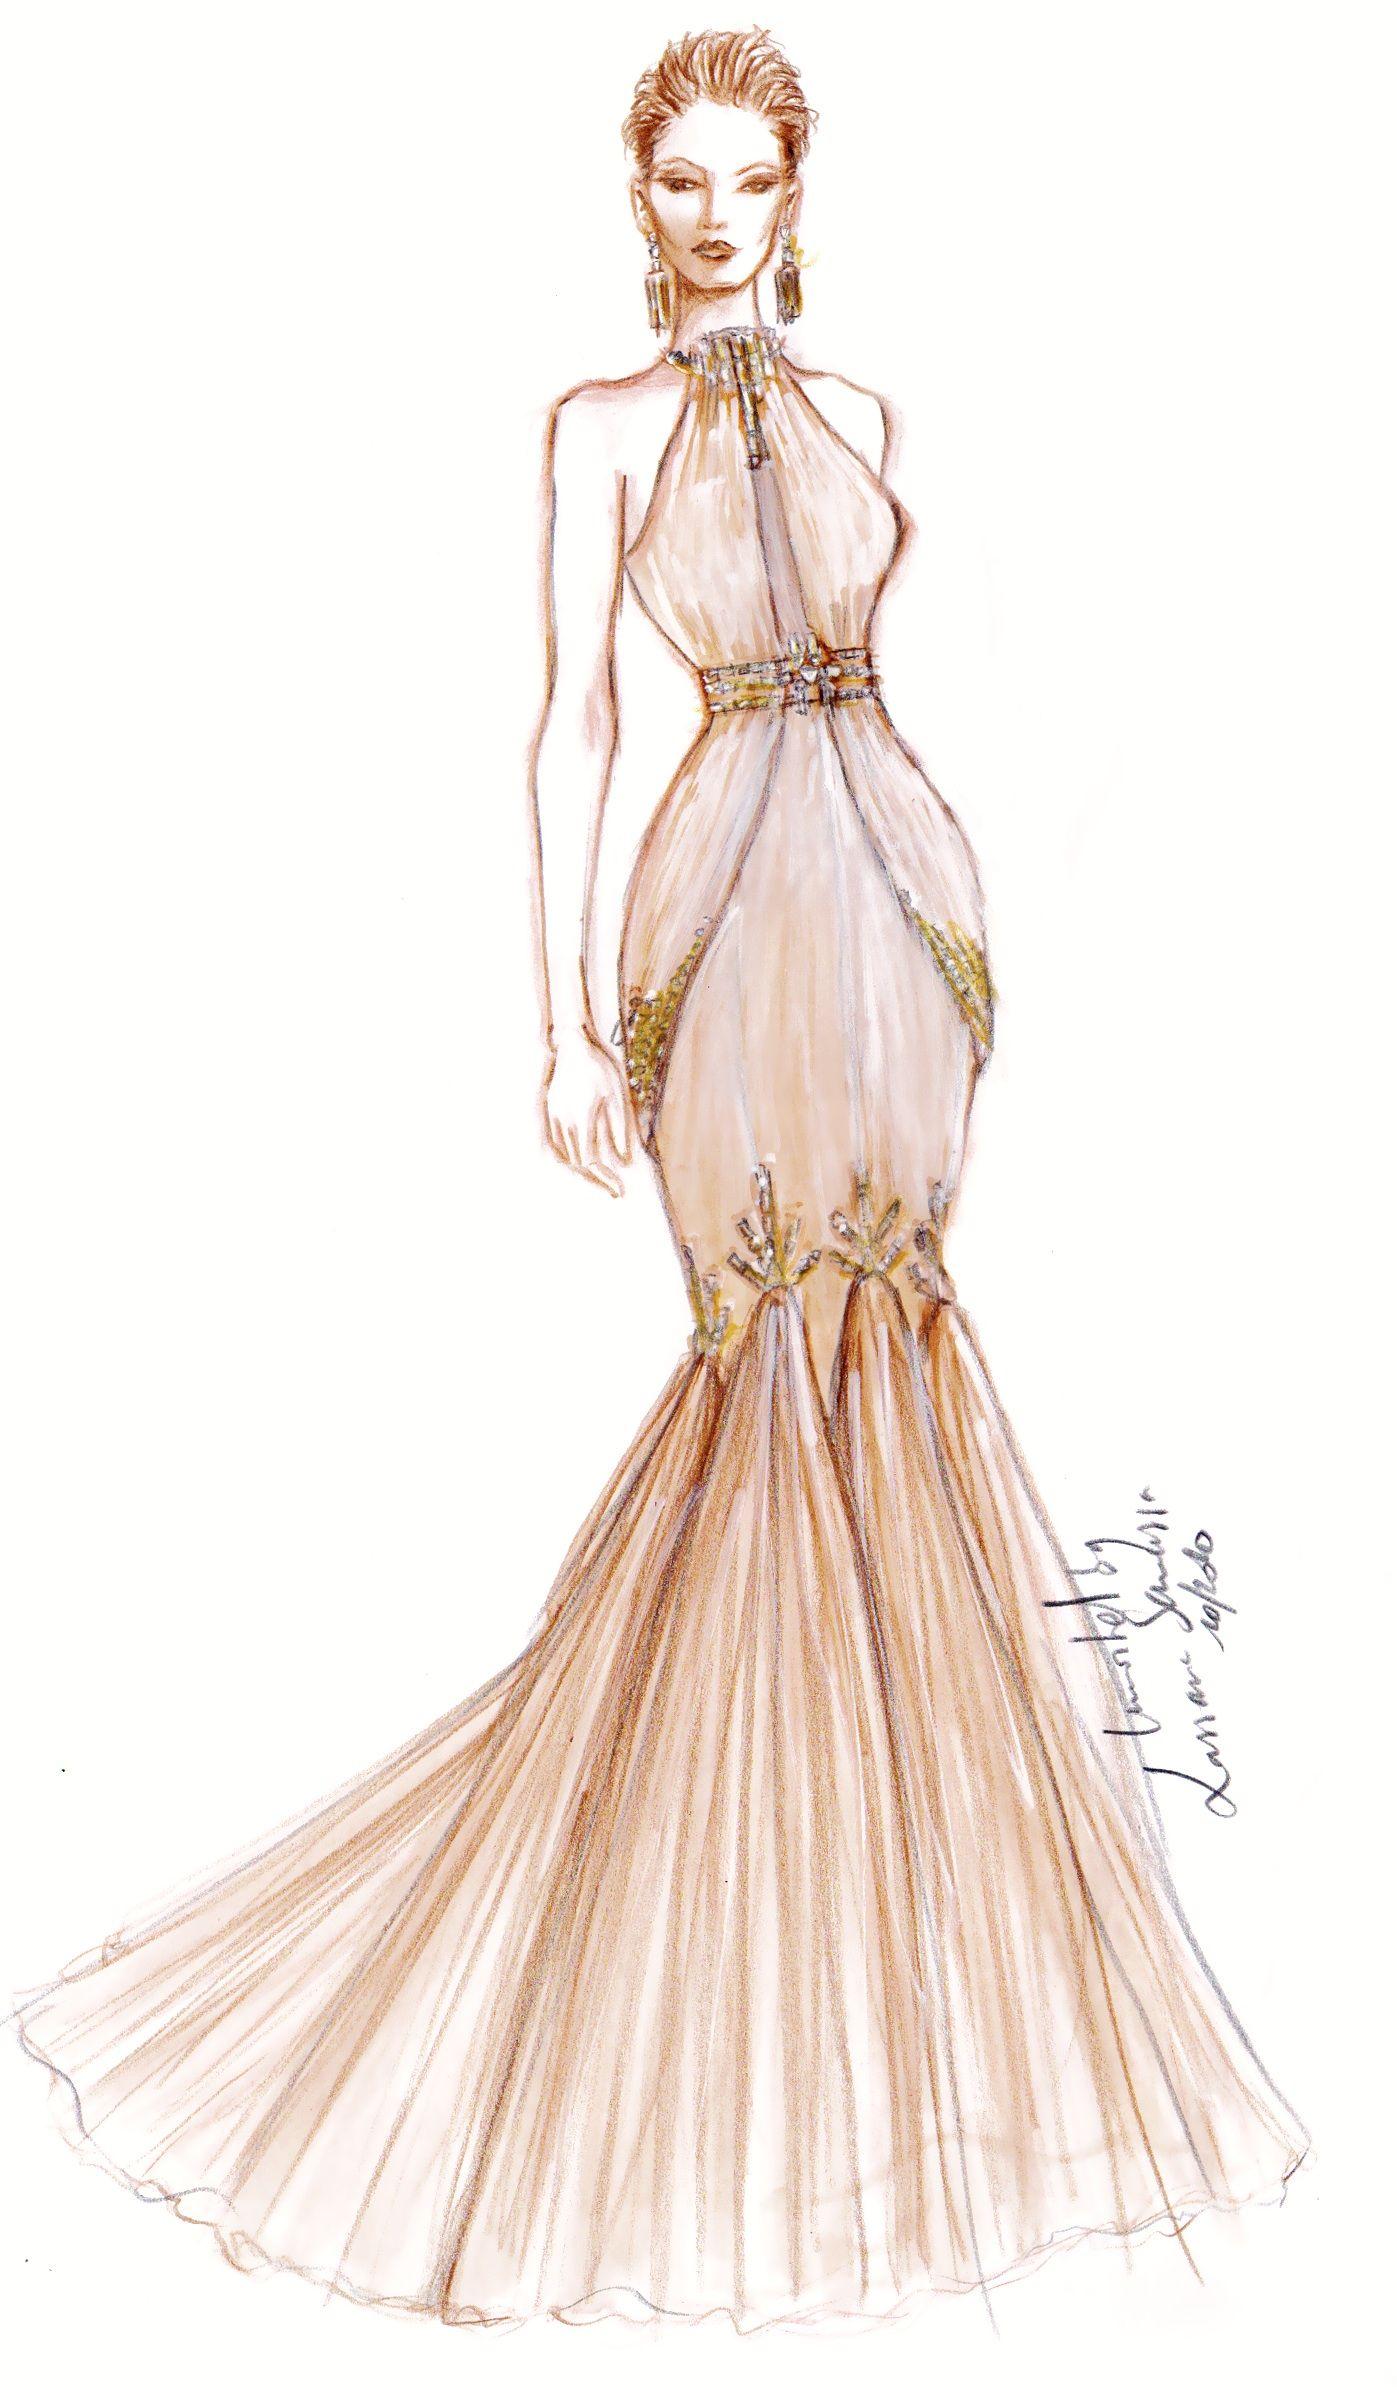 Dessin robe immortel atelier mousseline rebord e de perles et sequins par lassana samassa - Dessin couturiere ...